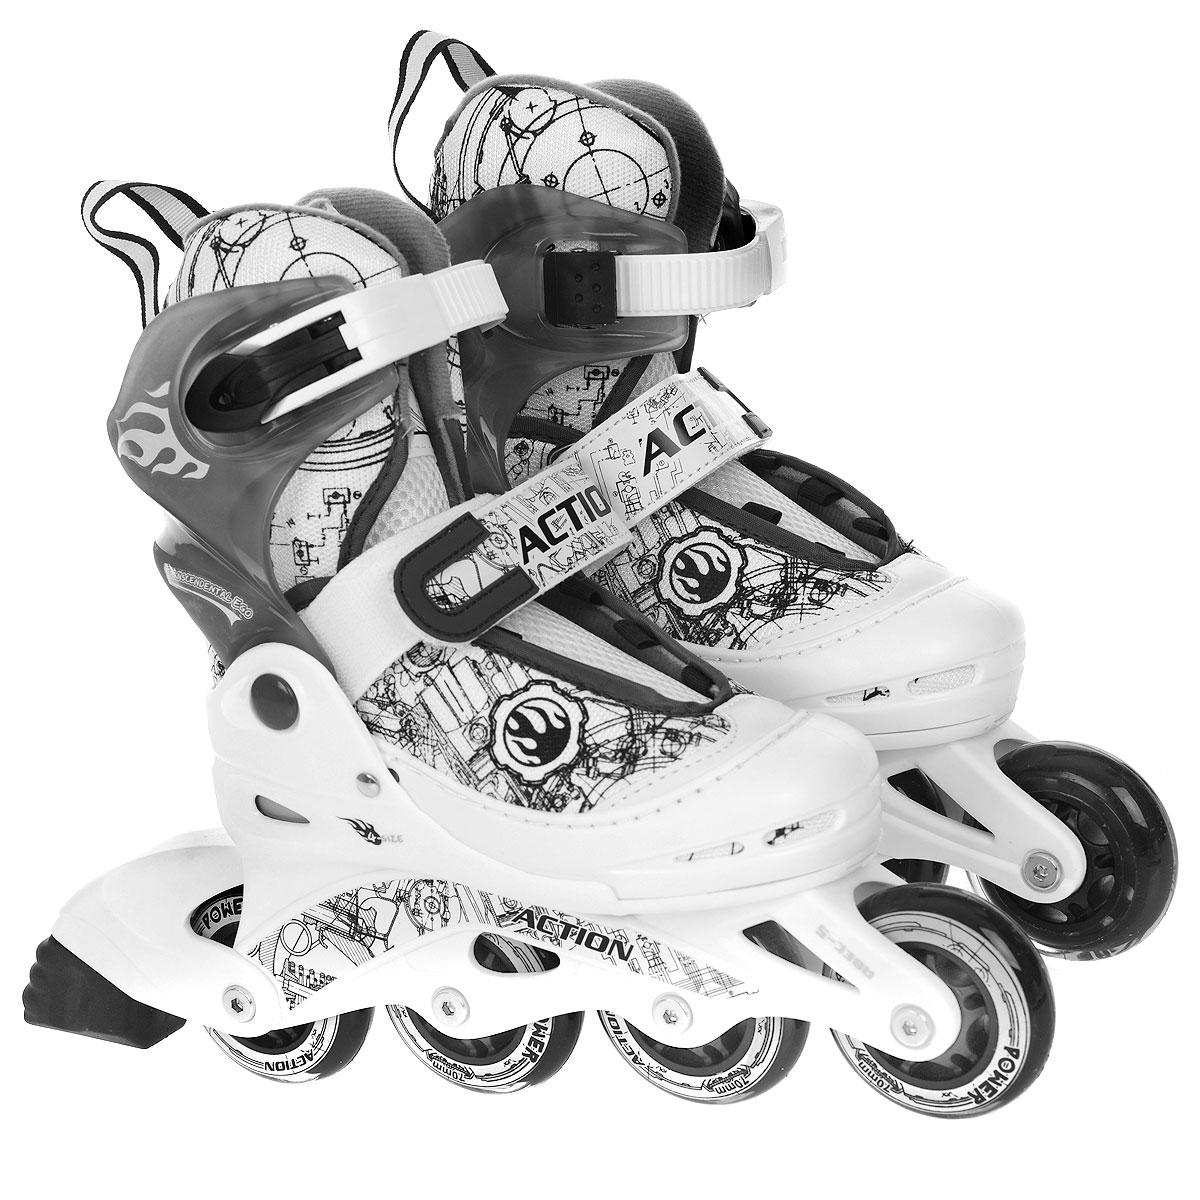 Коньки роликовые Action PW-118, раздвижные, цвет: белый, серый. Размер 30/33PW-118Раздвижные роликовые коньки Action PW-118 предназначены для любительского катания. Коньки имеют мягкий ботинок с раздвижным механизмом, что обеспечивает хорошую посадку и пластичность, а для еще более комфортного катания ботинки коньков оснащены классической системой шнуровки, клипсой с фиксатором, ремешком на липучке и пяточным ремнем. Облегченная, анатомически облегающая конструкция обеспечивает улучшенную боковую поддержку и полный контроль над движением.Стельки роликов выполнены из двух материалов: базовый для обеспечения формы стельки; дополнительный - покрытие стельки мягким материалом для удобного одевания и комфорта. Рама изготовлена из пластика, а колеса из полиуретана с карбоновыми подшипниками ABEC5. В каждой модели роликов есть тормоз.Роликовые коньки - это прекрасная возможность активного время провождения, отличный способ снять напряжение после трудового дня, пообщаться с друзьями, завести новые знакомства и повысить свою самооценку. При выборе роликовых коньков следует заботиться не о цвете, внешнем виде или фирме-производителе, а о том, чтобы вам и вашему ребенку было удобно и комфортно в выбранной модели, и чтобы нога надежно и плотно фиксировалась в коньке, но в то же время ее ничто не стягивало. Нельзя покупать ролики на пять размеров больше, но и нельзя покупать размер в размер. Ролики должны быть на один, максимум два размера больше ноги. УВАЖАЕМЫЕ КЛИЕНТЫ!Обращаем ваше внимание на различие в количестве колес в зависимости от размеров роликов: ролики размером 26/29 поставляются с 3 колесами, ролики остальных размеров - с 4.